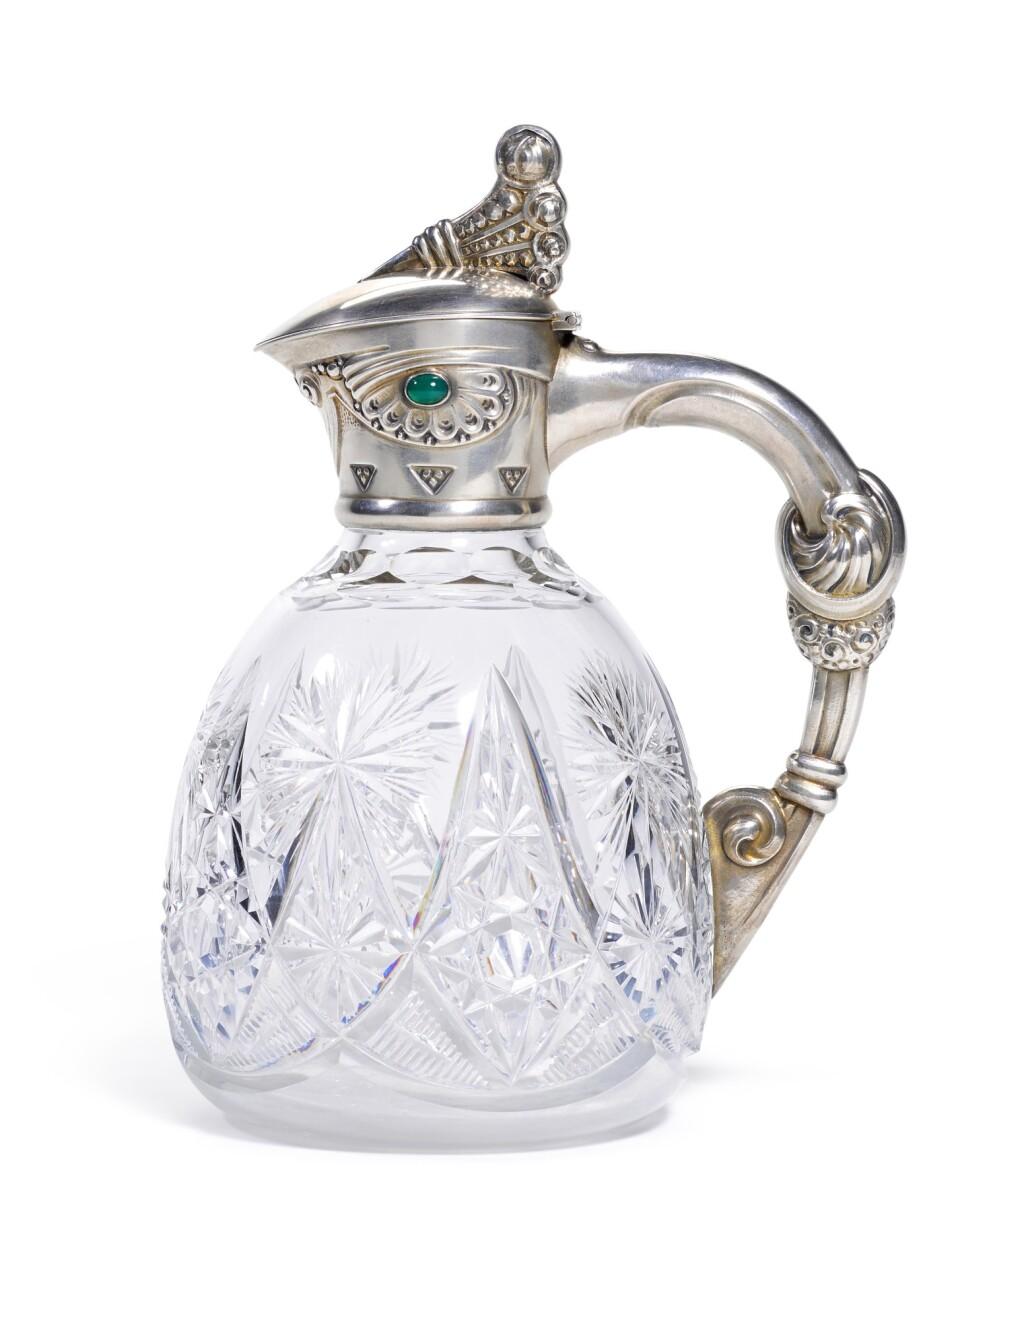 A GEM-SET SILVER-MOUNTED CUT-GLASS DECANTER, OREST KURLIUKOV, MOSCOW, 1908-1917